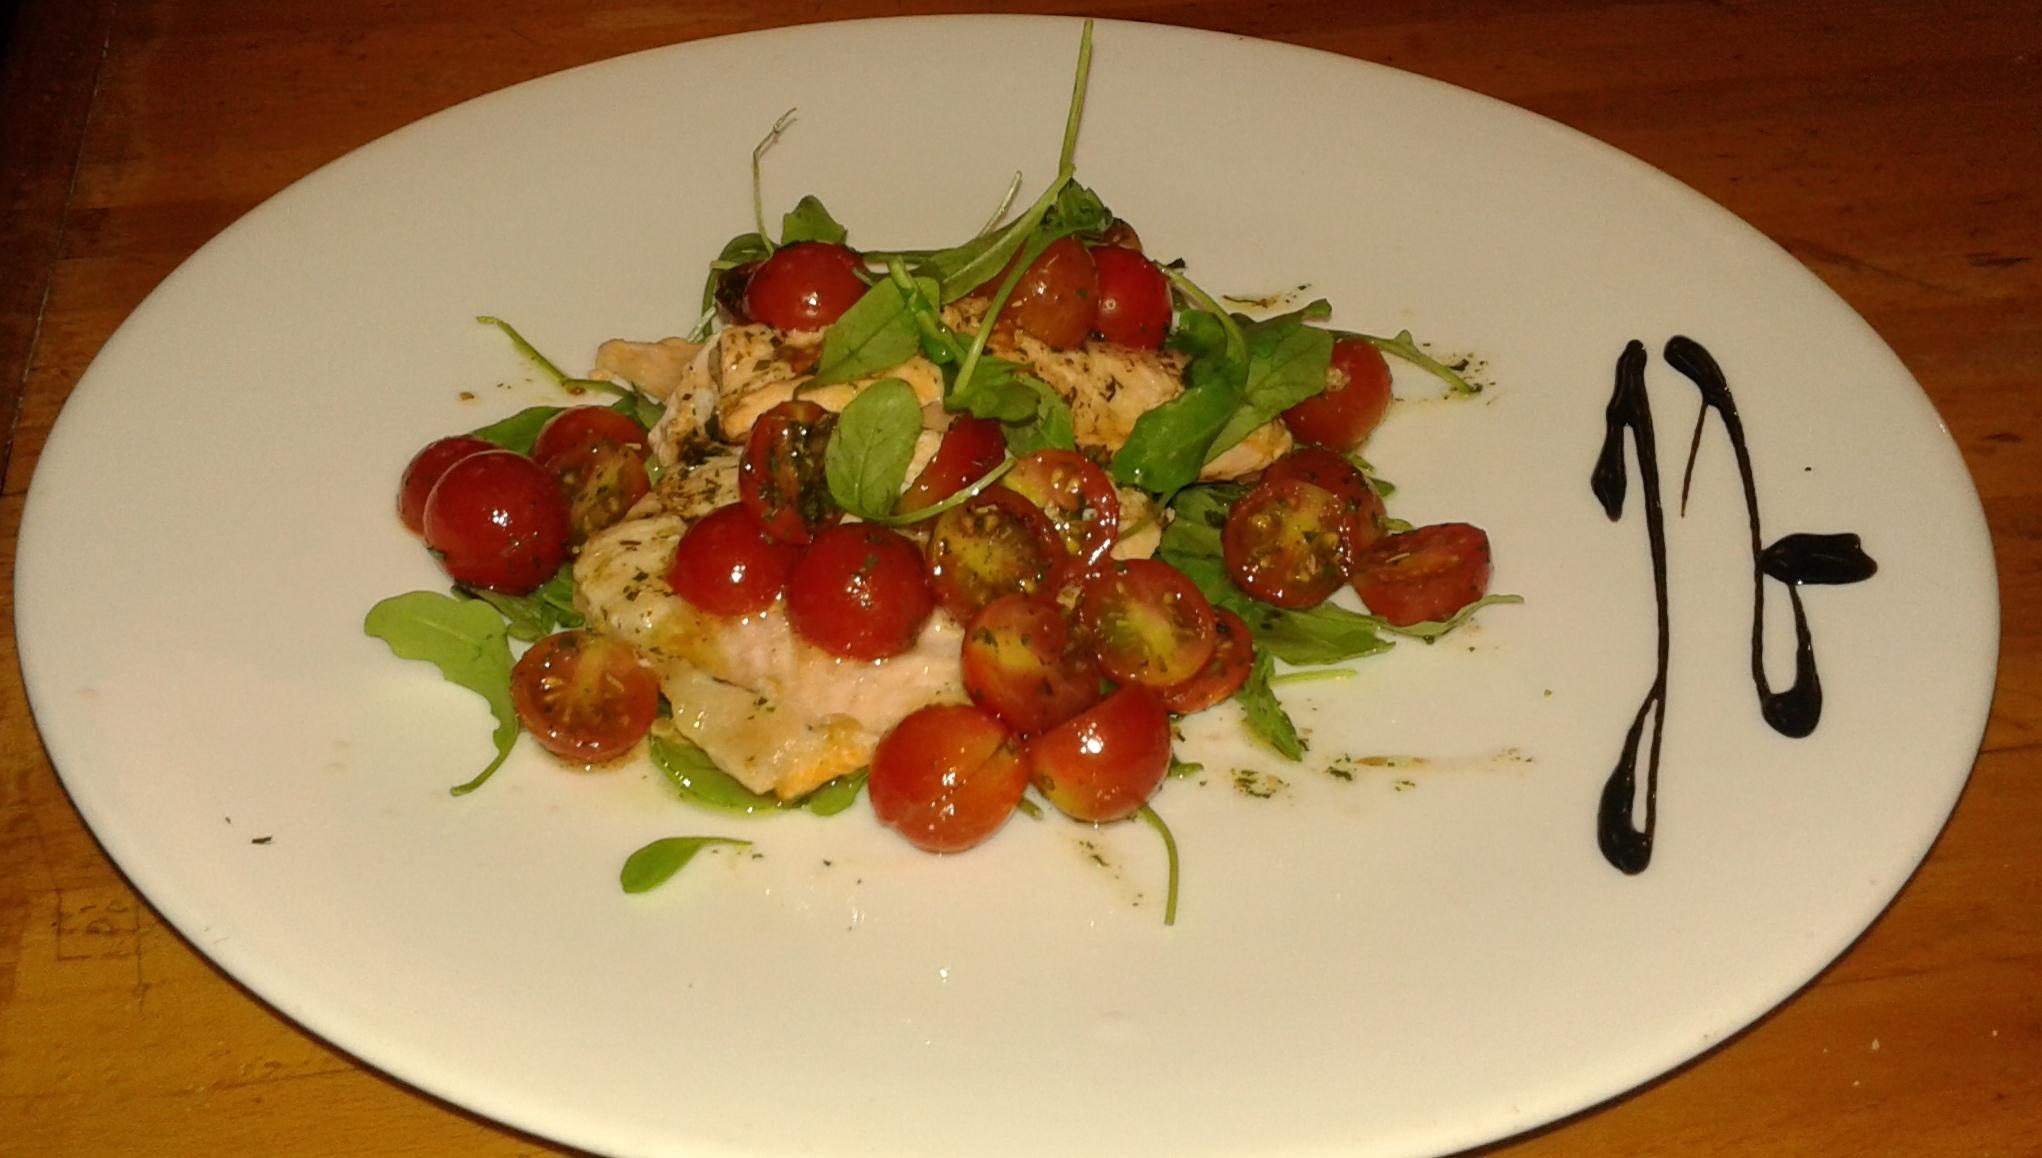 Salmone alla piastra con dadolata di pomodorini e rucola